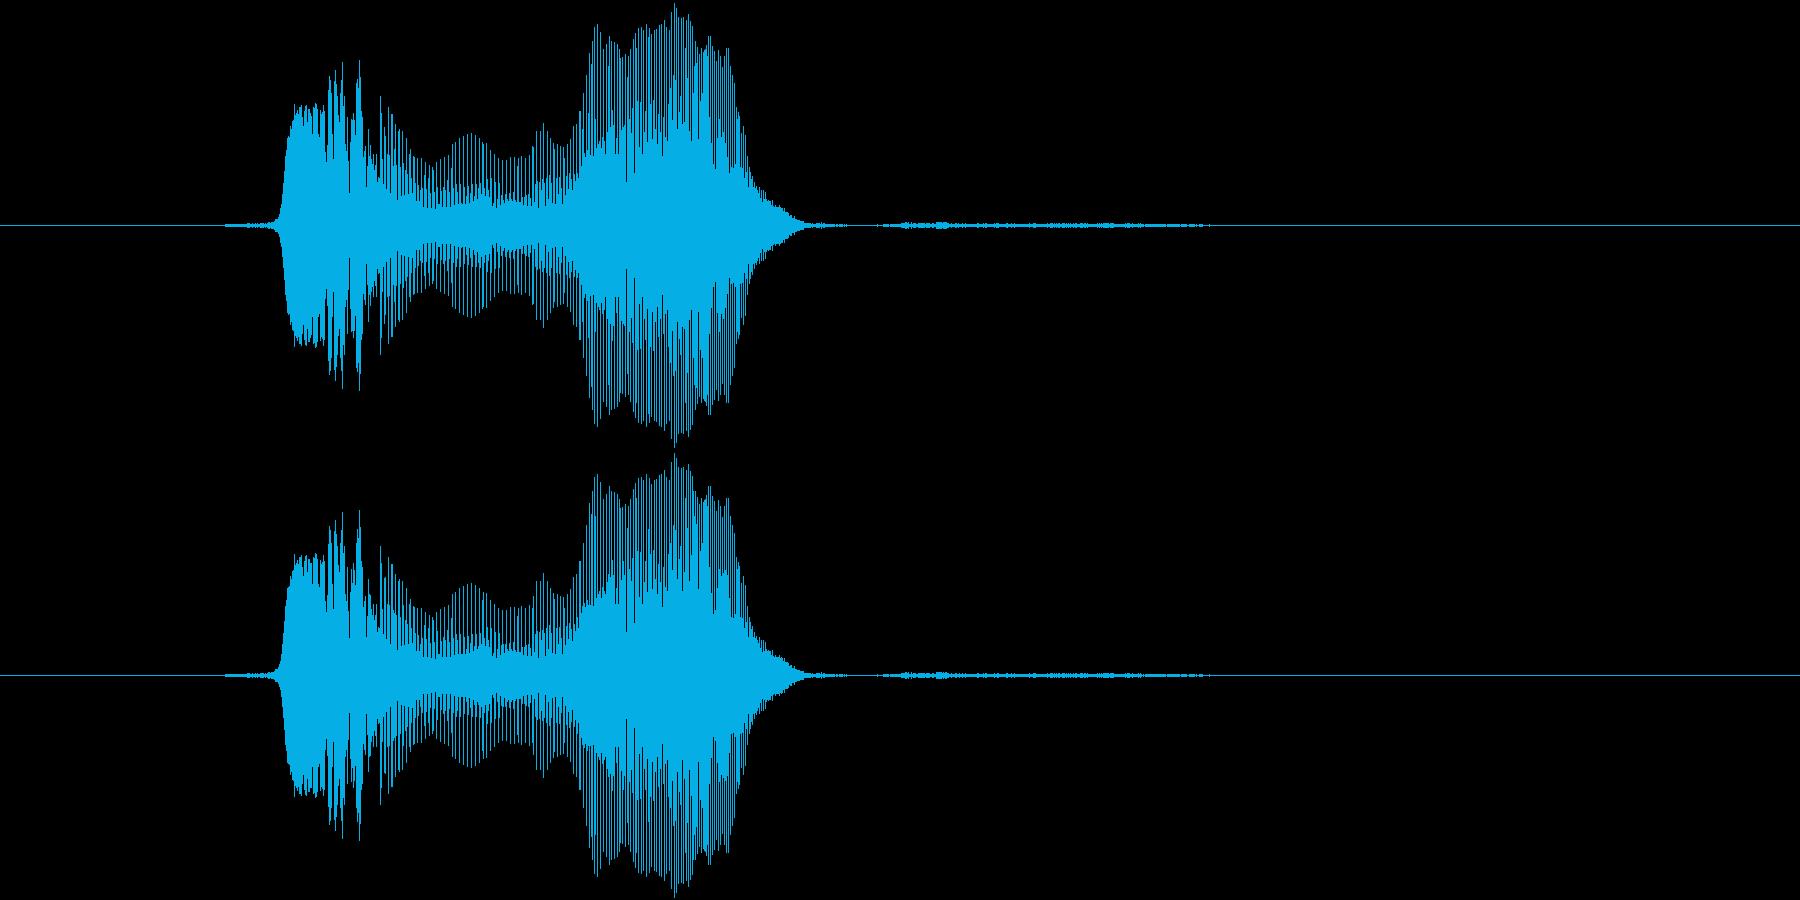 ぇえっ!?の再生済みの波形